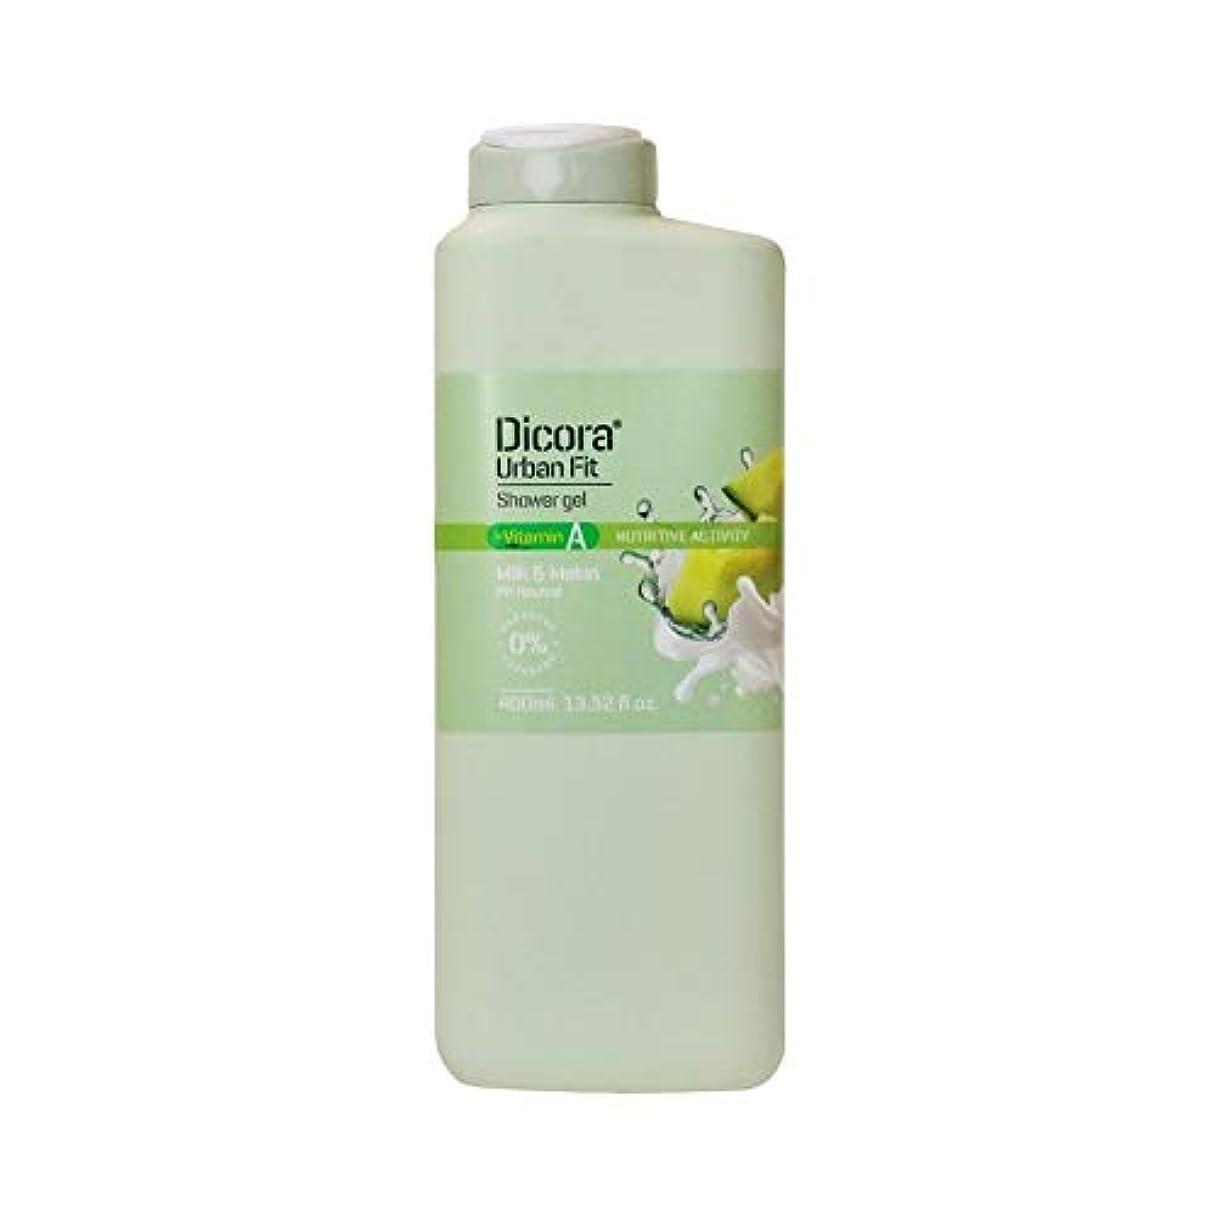 浮浪者ソロ月Dicora(ディコラ) ディコラ アーバンフィット シャワージェル MK&ML 400ml ボディソープ ミルク & メロンの香り